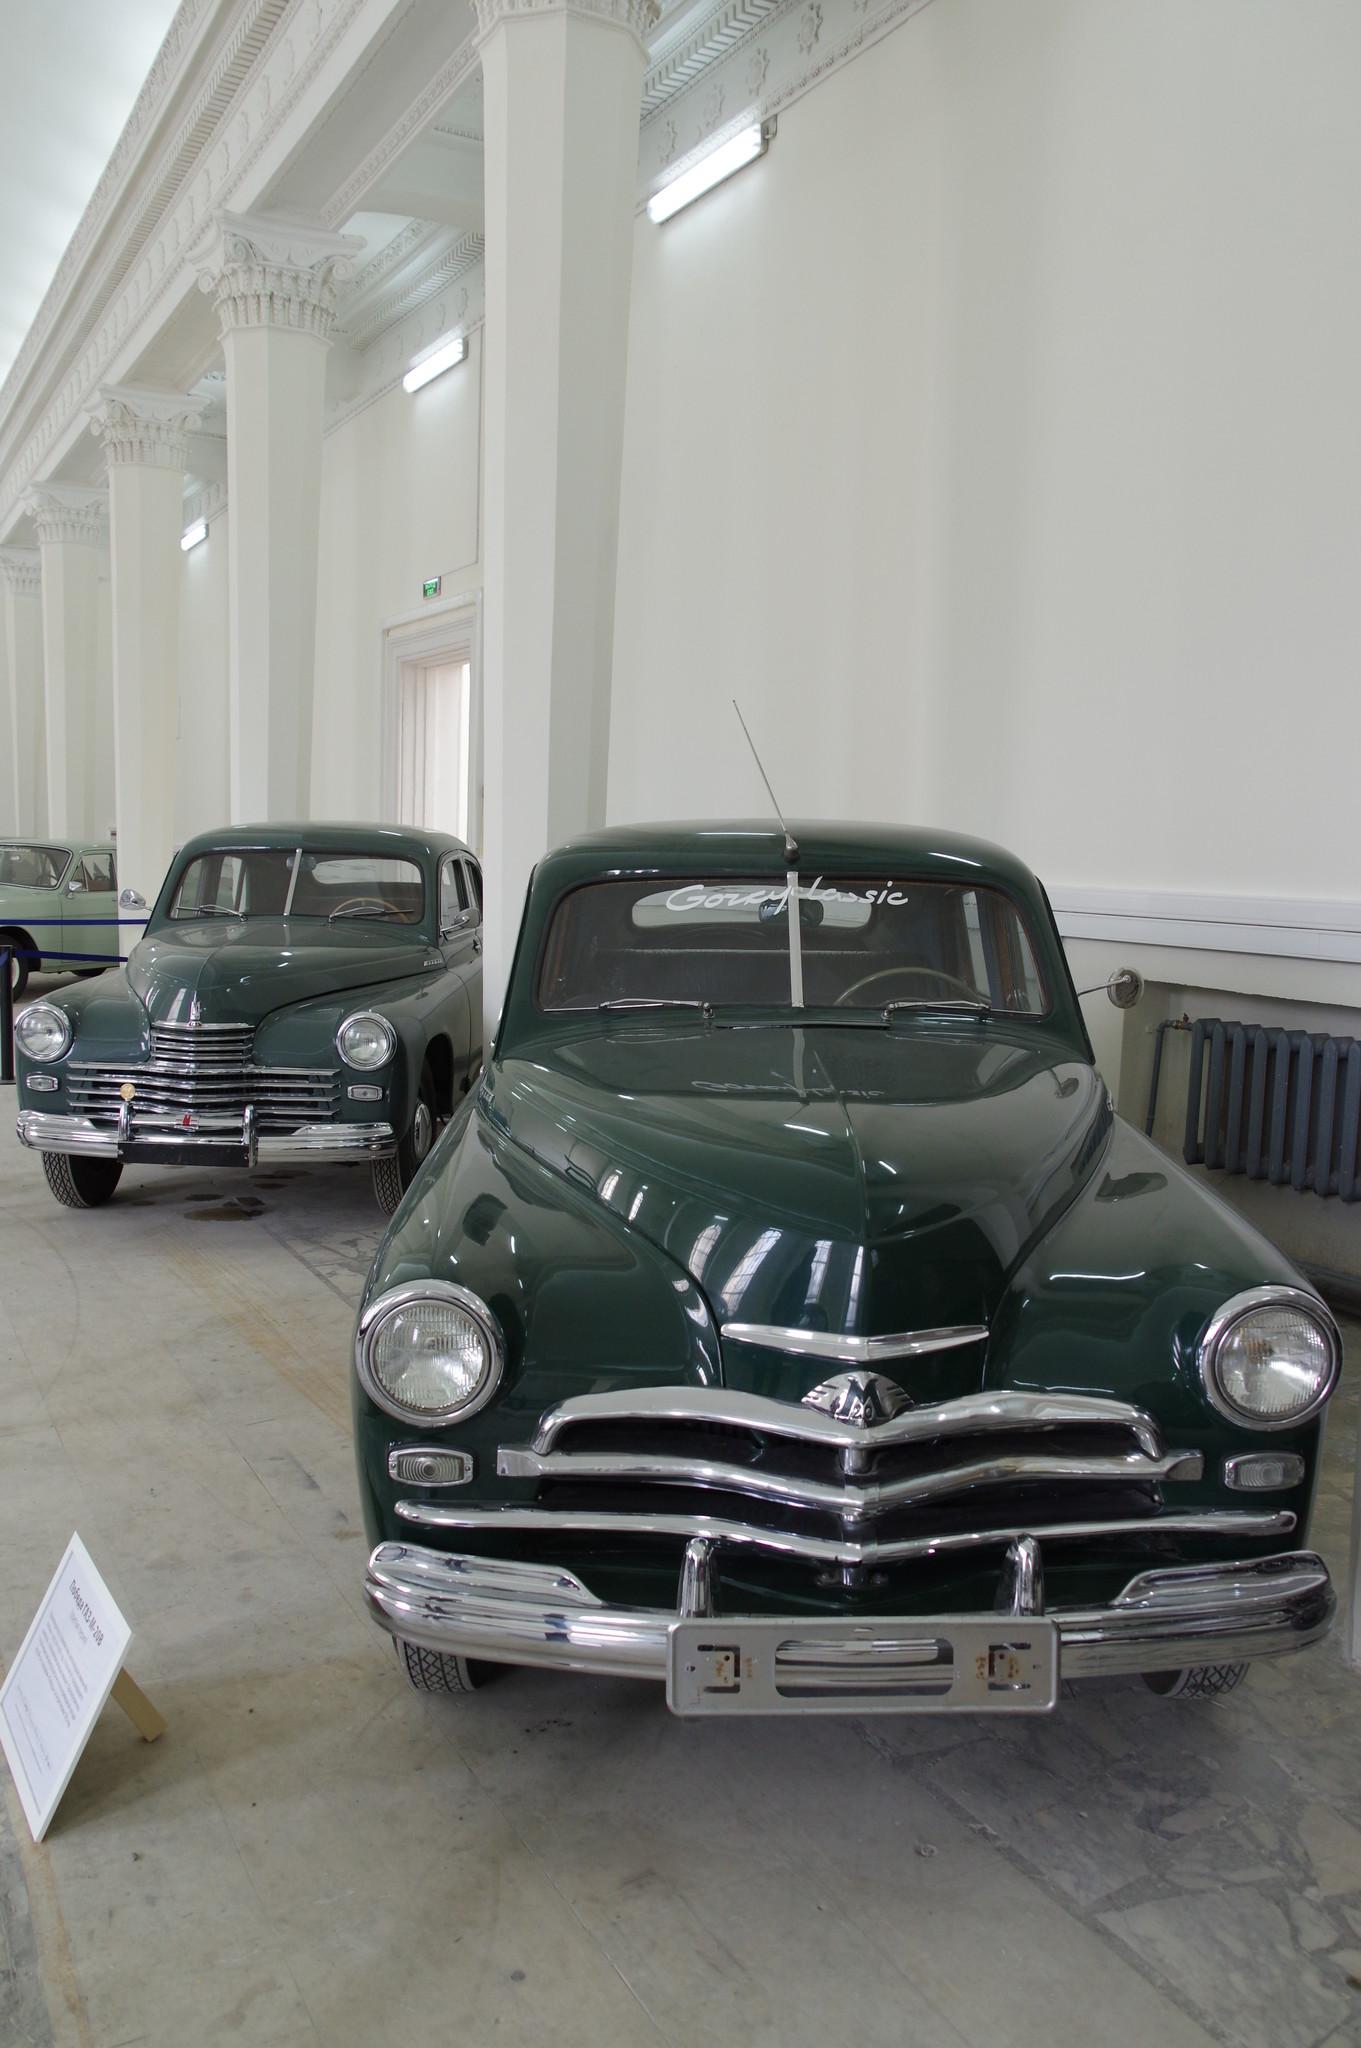 ГАЗ М-20 «Победа», вторая серия и ГАЗ-М-20В «Победа», третья серия